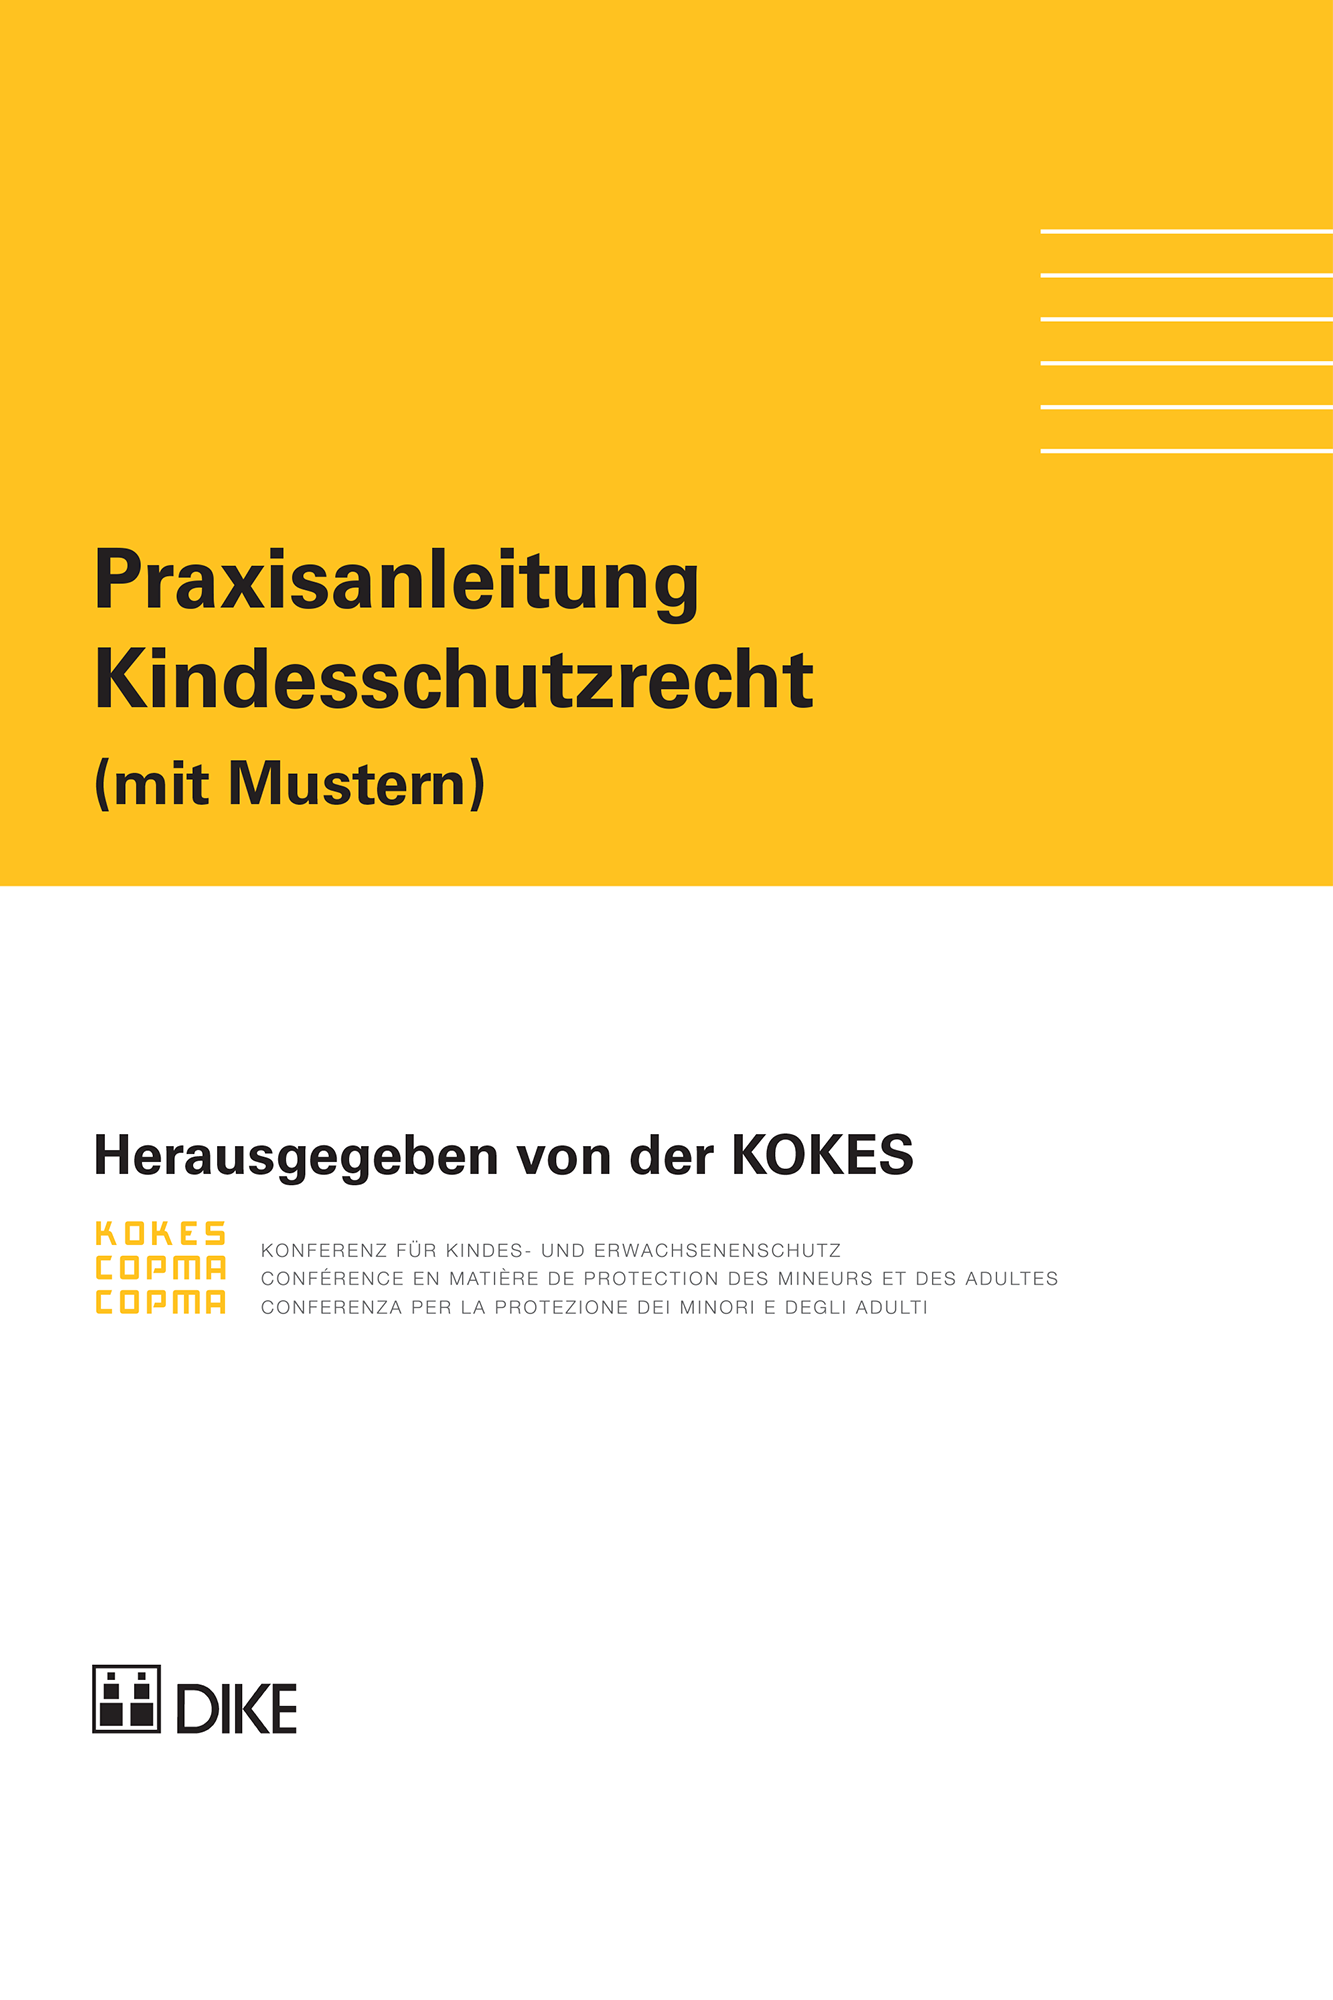 KOKES (Hrsg.), Praxisanleitung Kindesschutzrecht (mit Mustern)